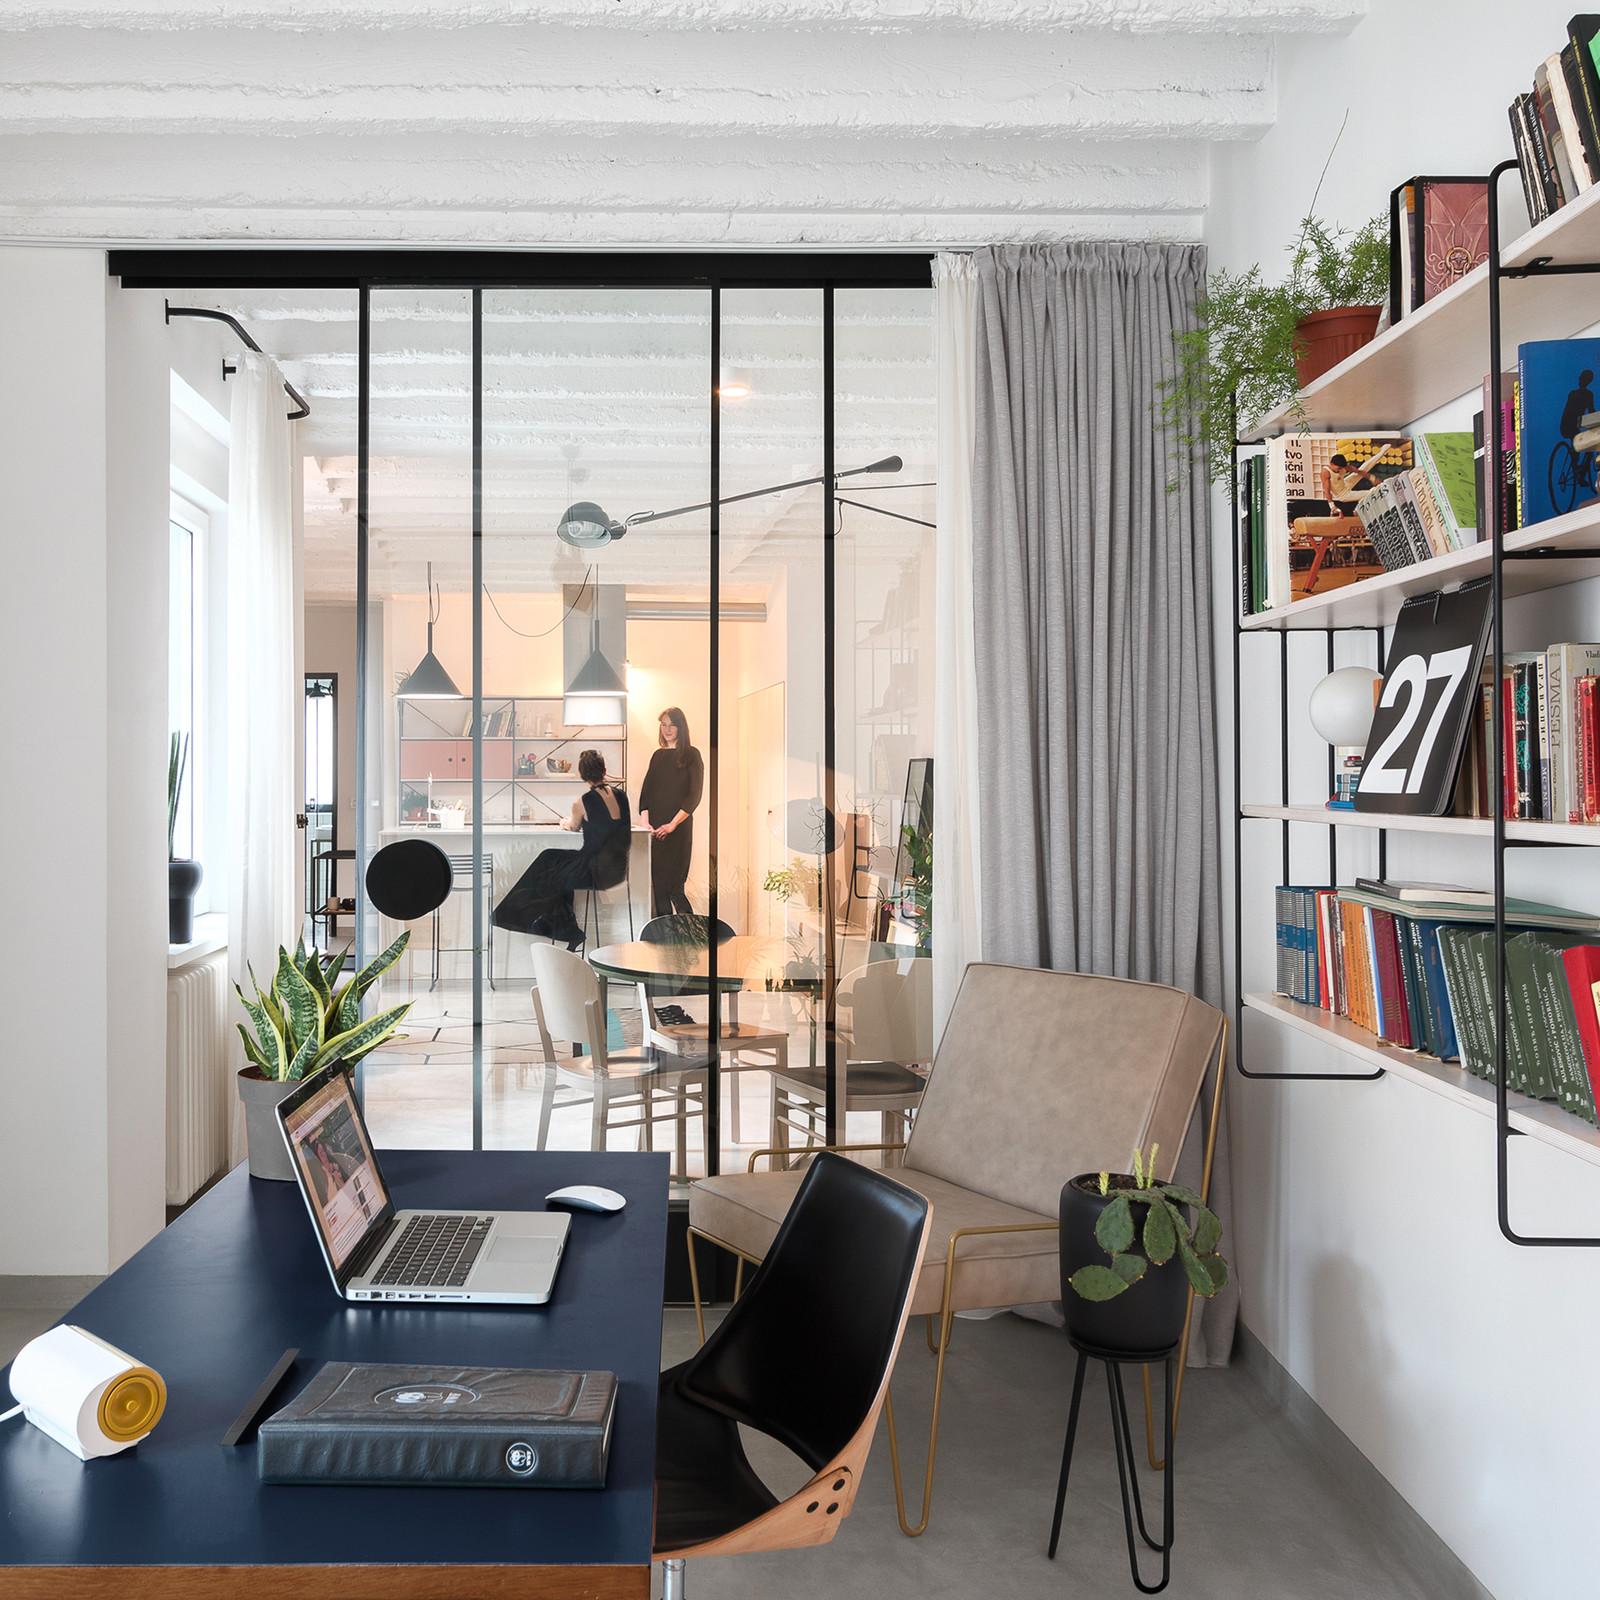 Studio Apartment Separation: Nyc studio apartment living ...